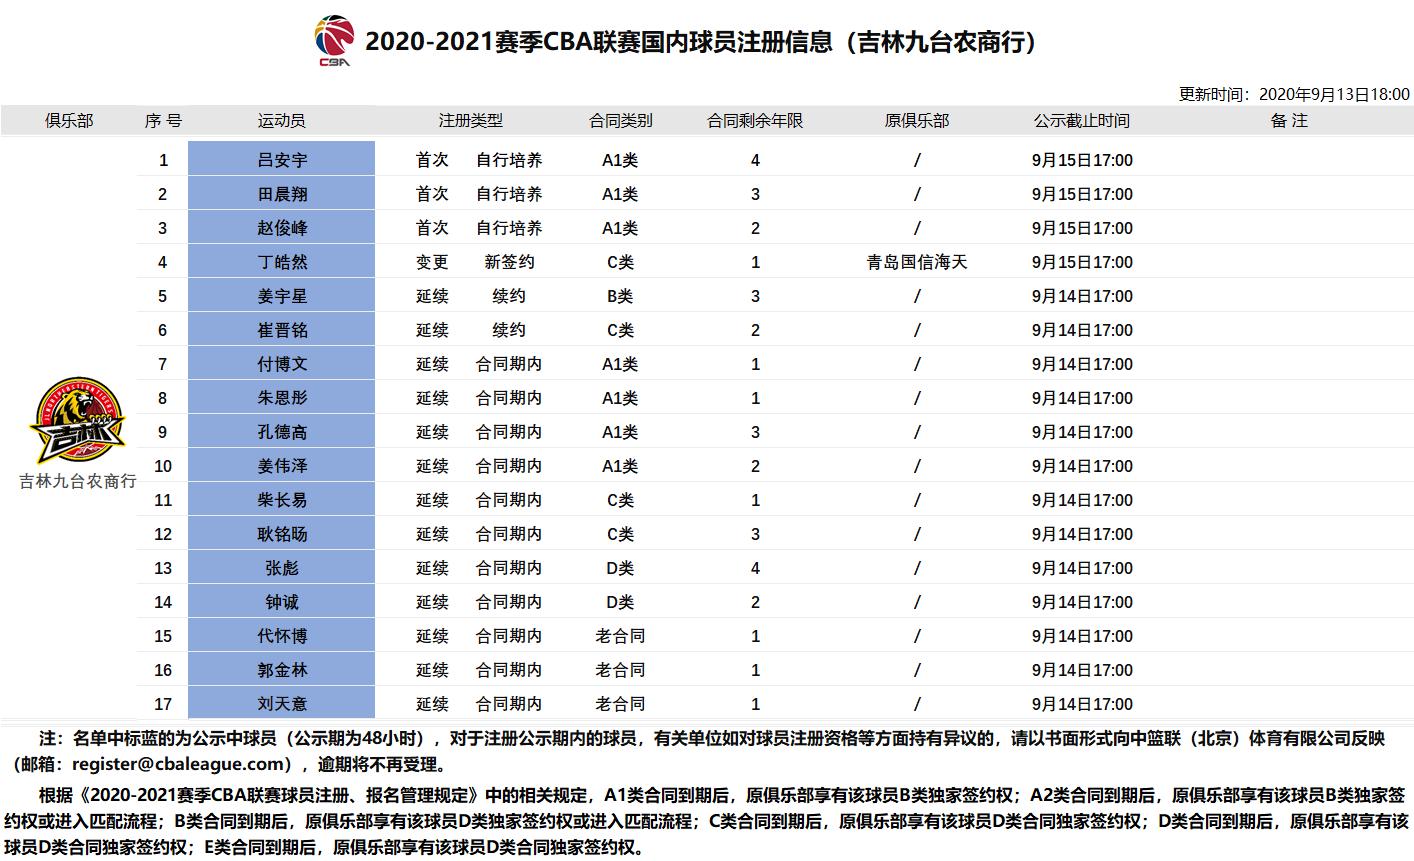 吉林男篮提交姜宇星等17位球员注册材料,张彪、钟诚为顶薪合同